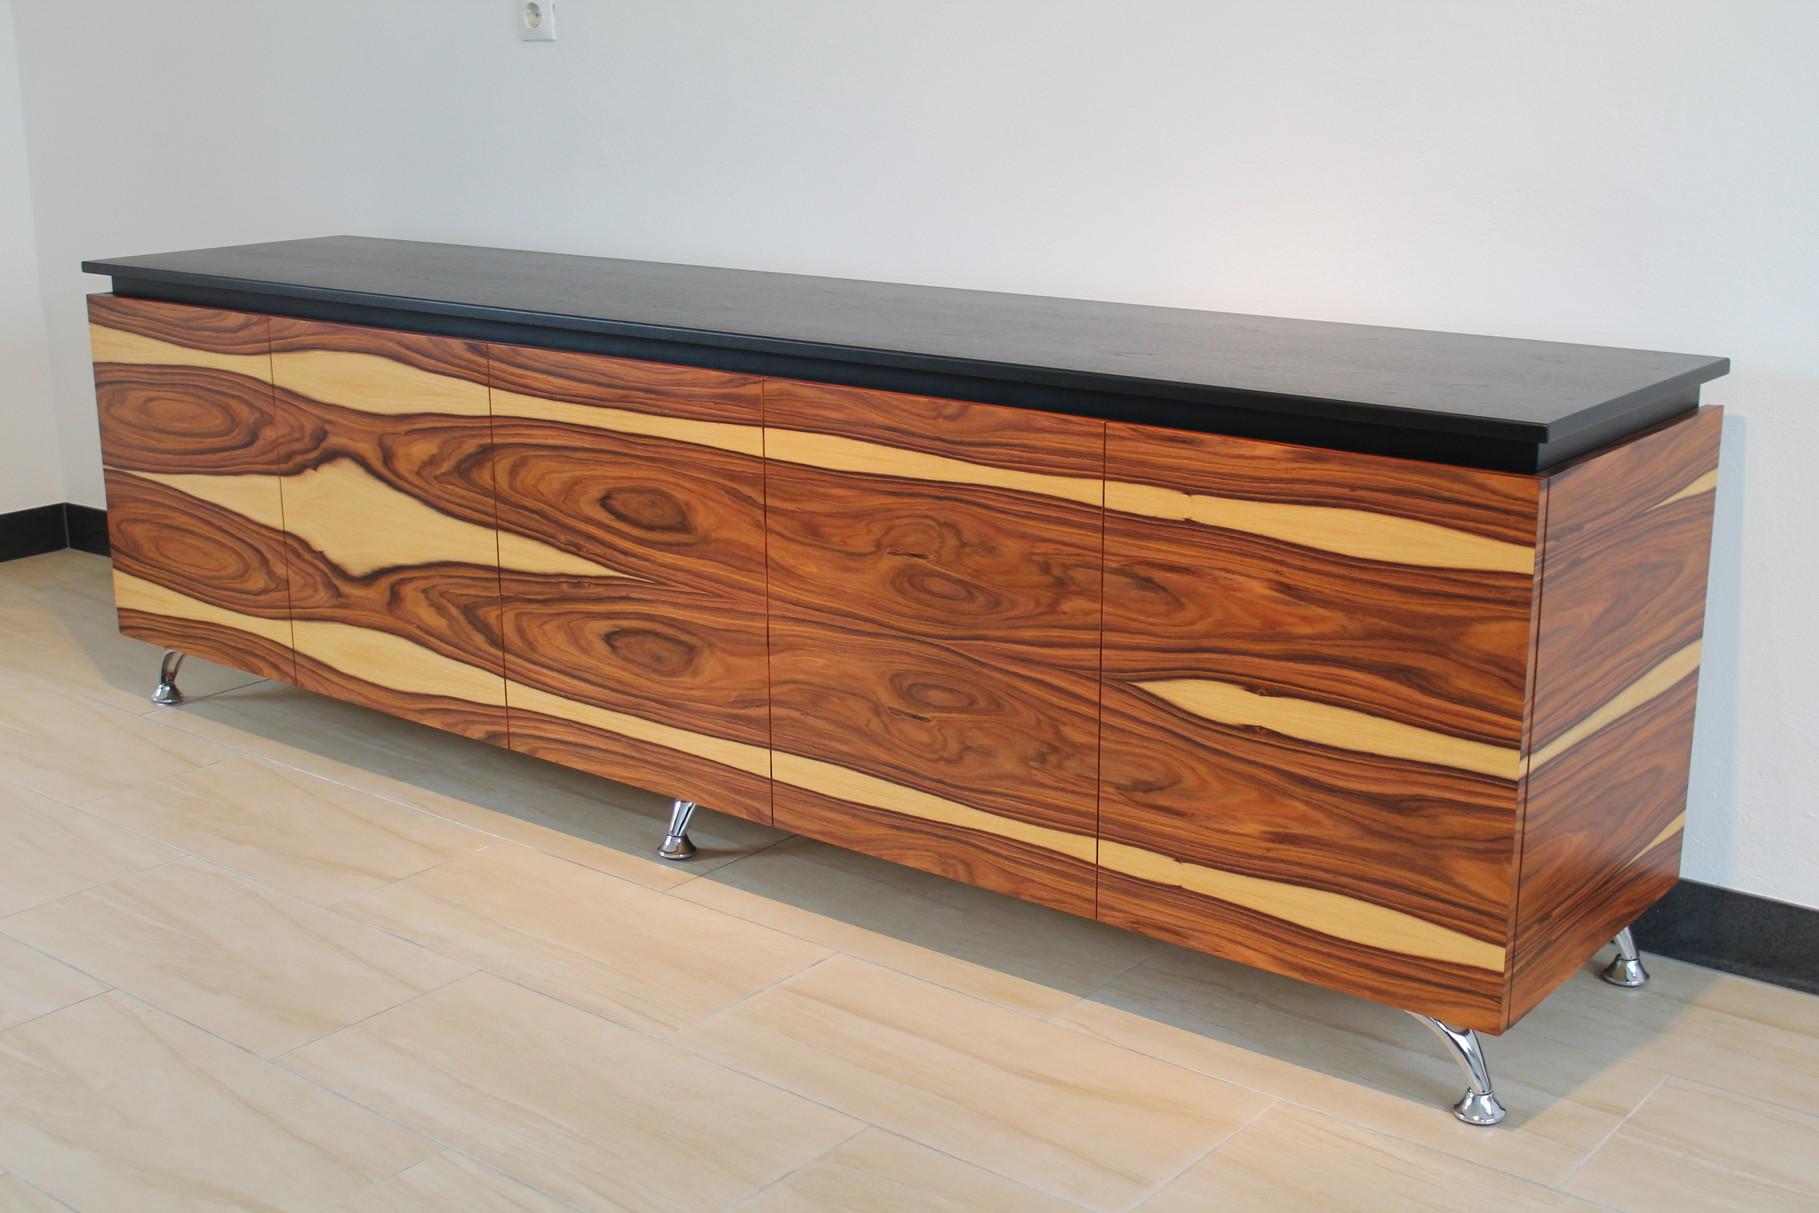 palisander designschreiner artofwood m beldesign wohnambiente holzdesign. Black Bedroom Furniture Sets. Home Design Ideas